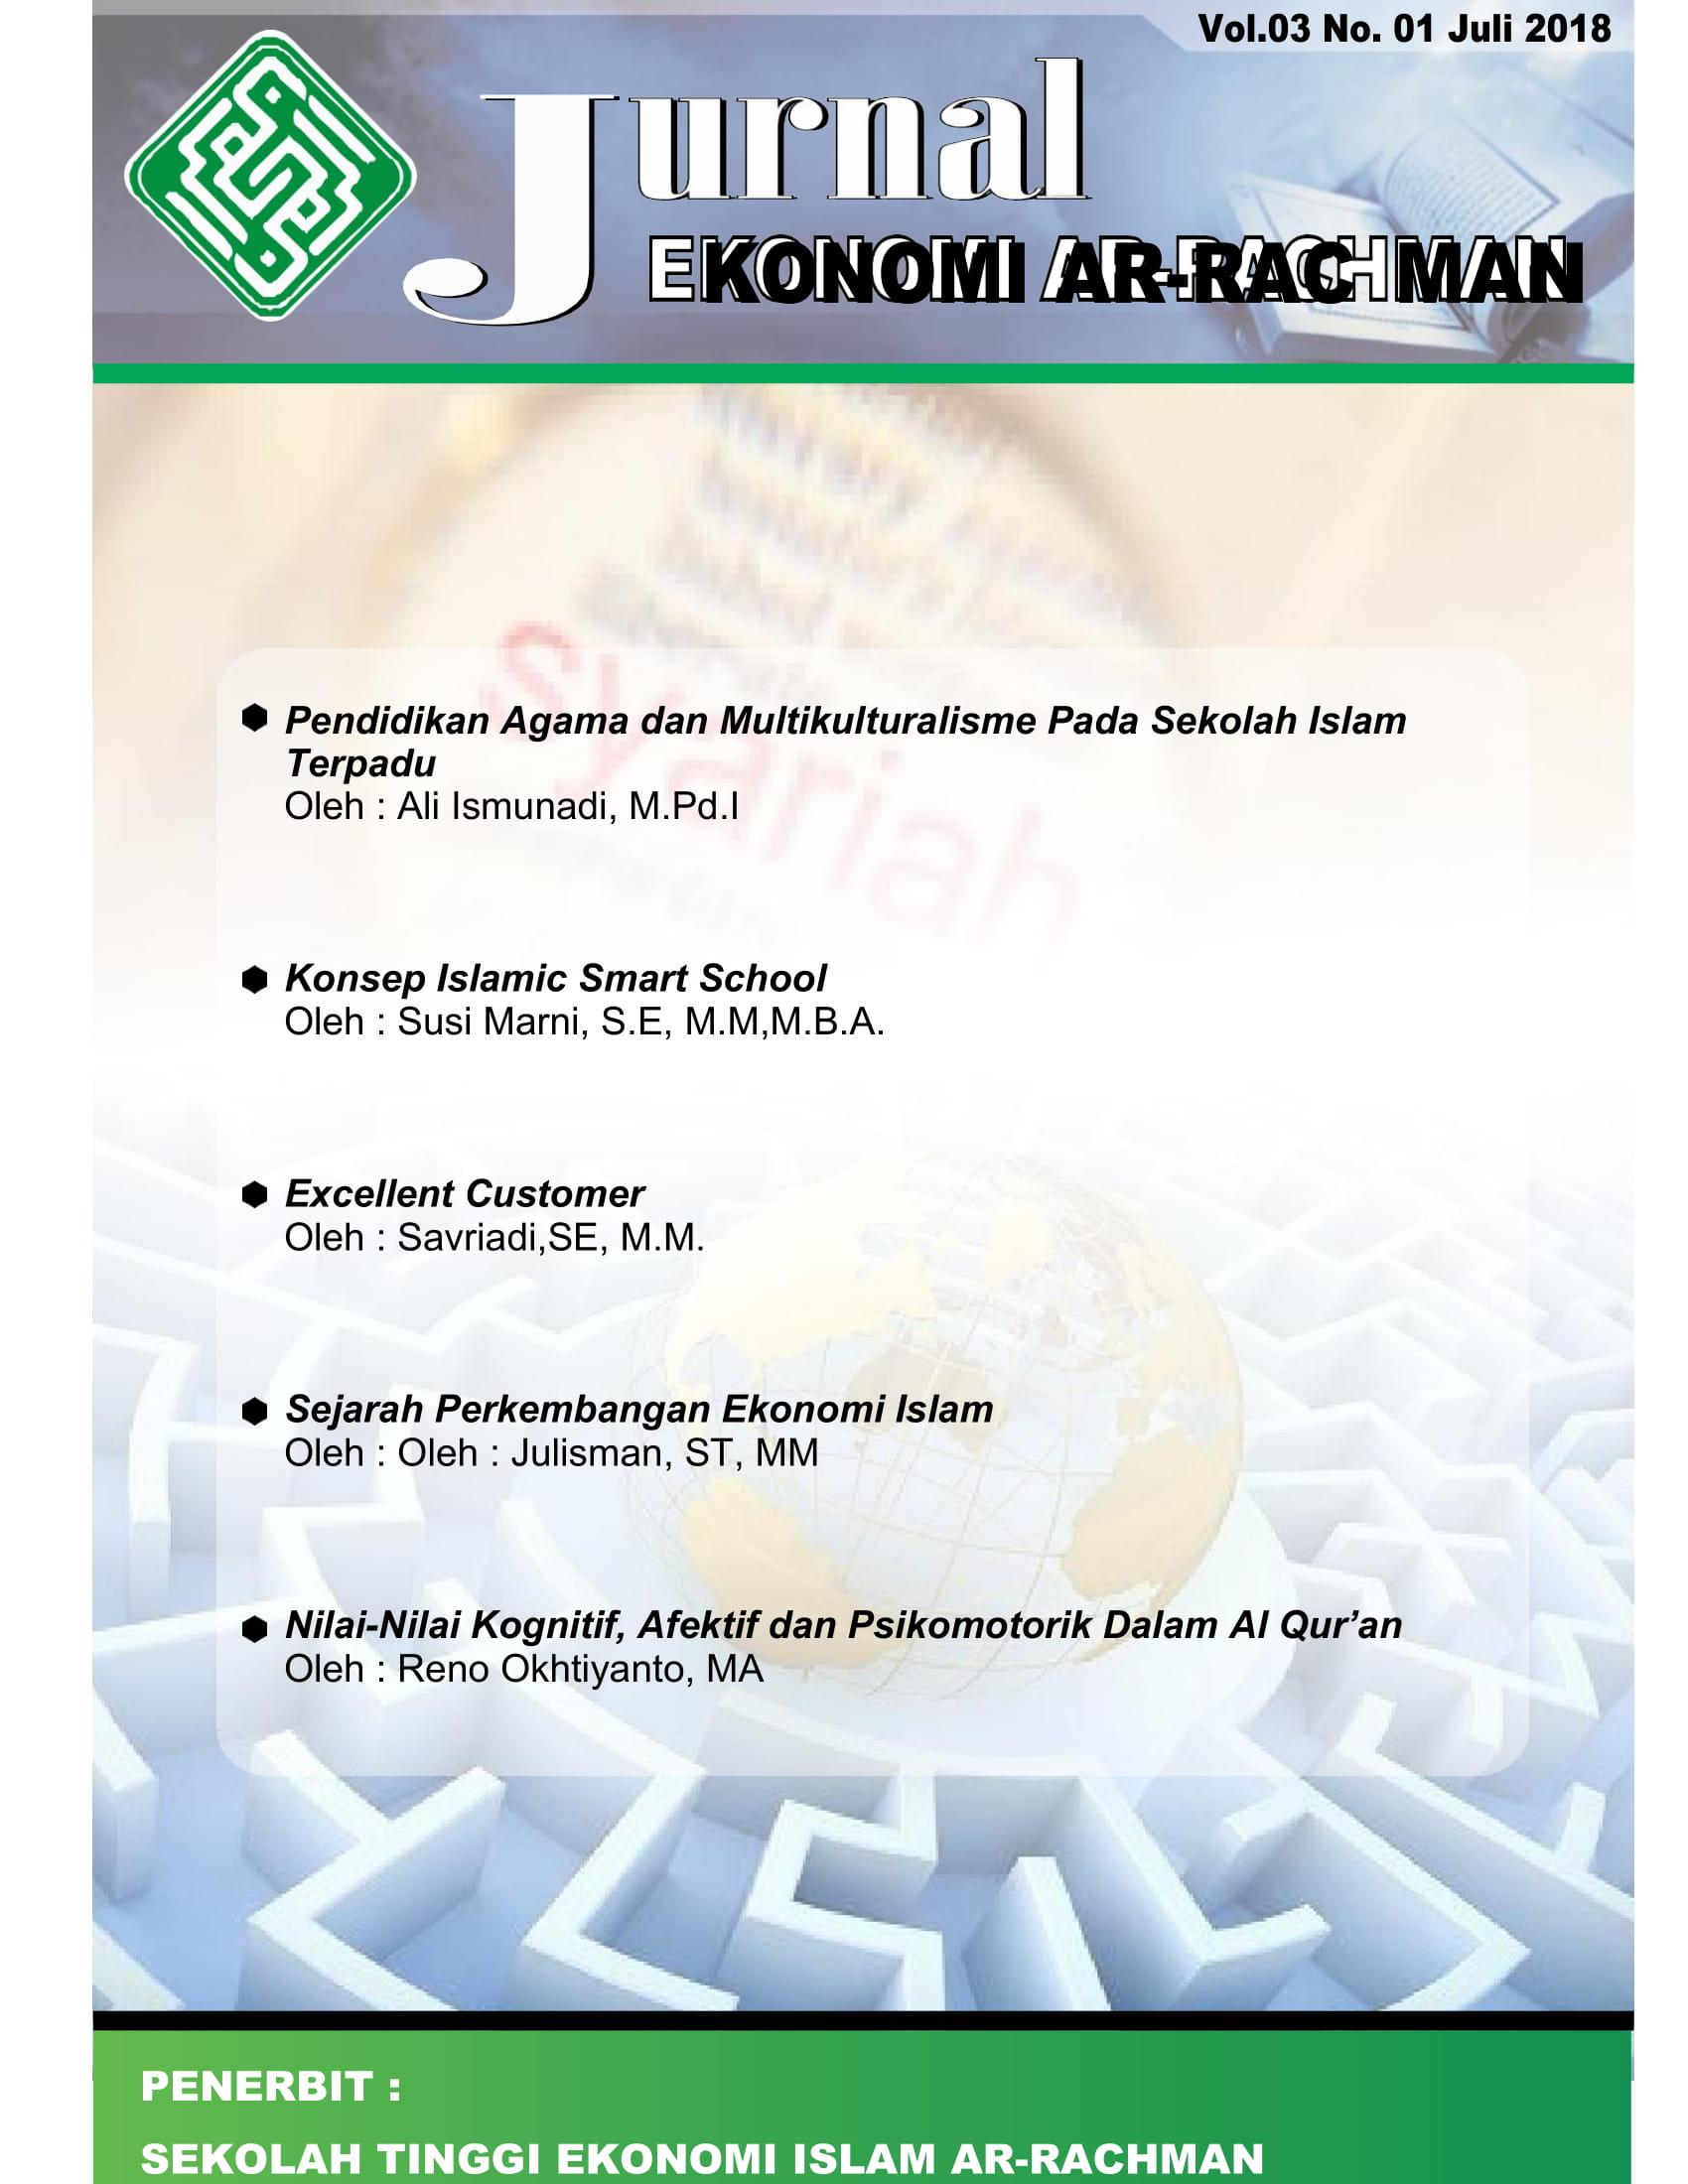 Lihat Vol 3 No 01 Juli (2018): Jurnal Ekonomin Ar-Rachman Vol 3